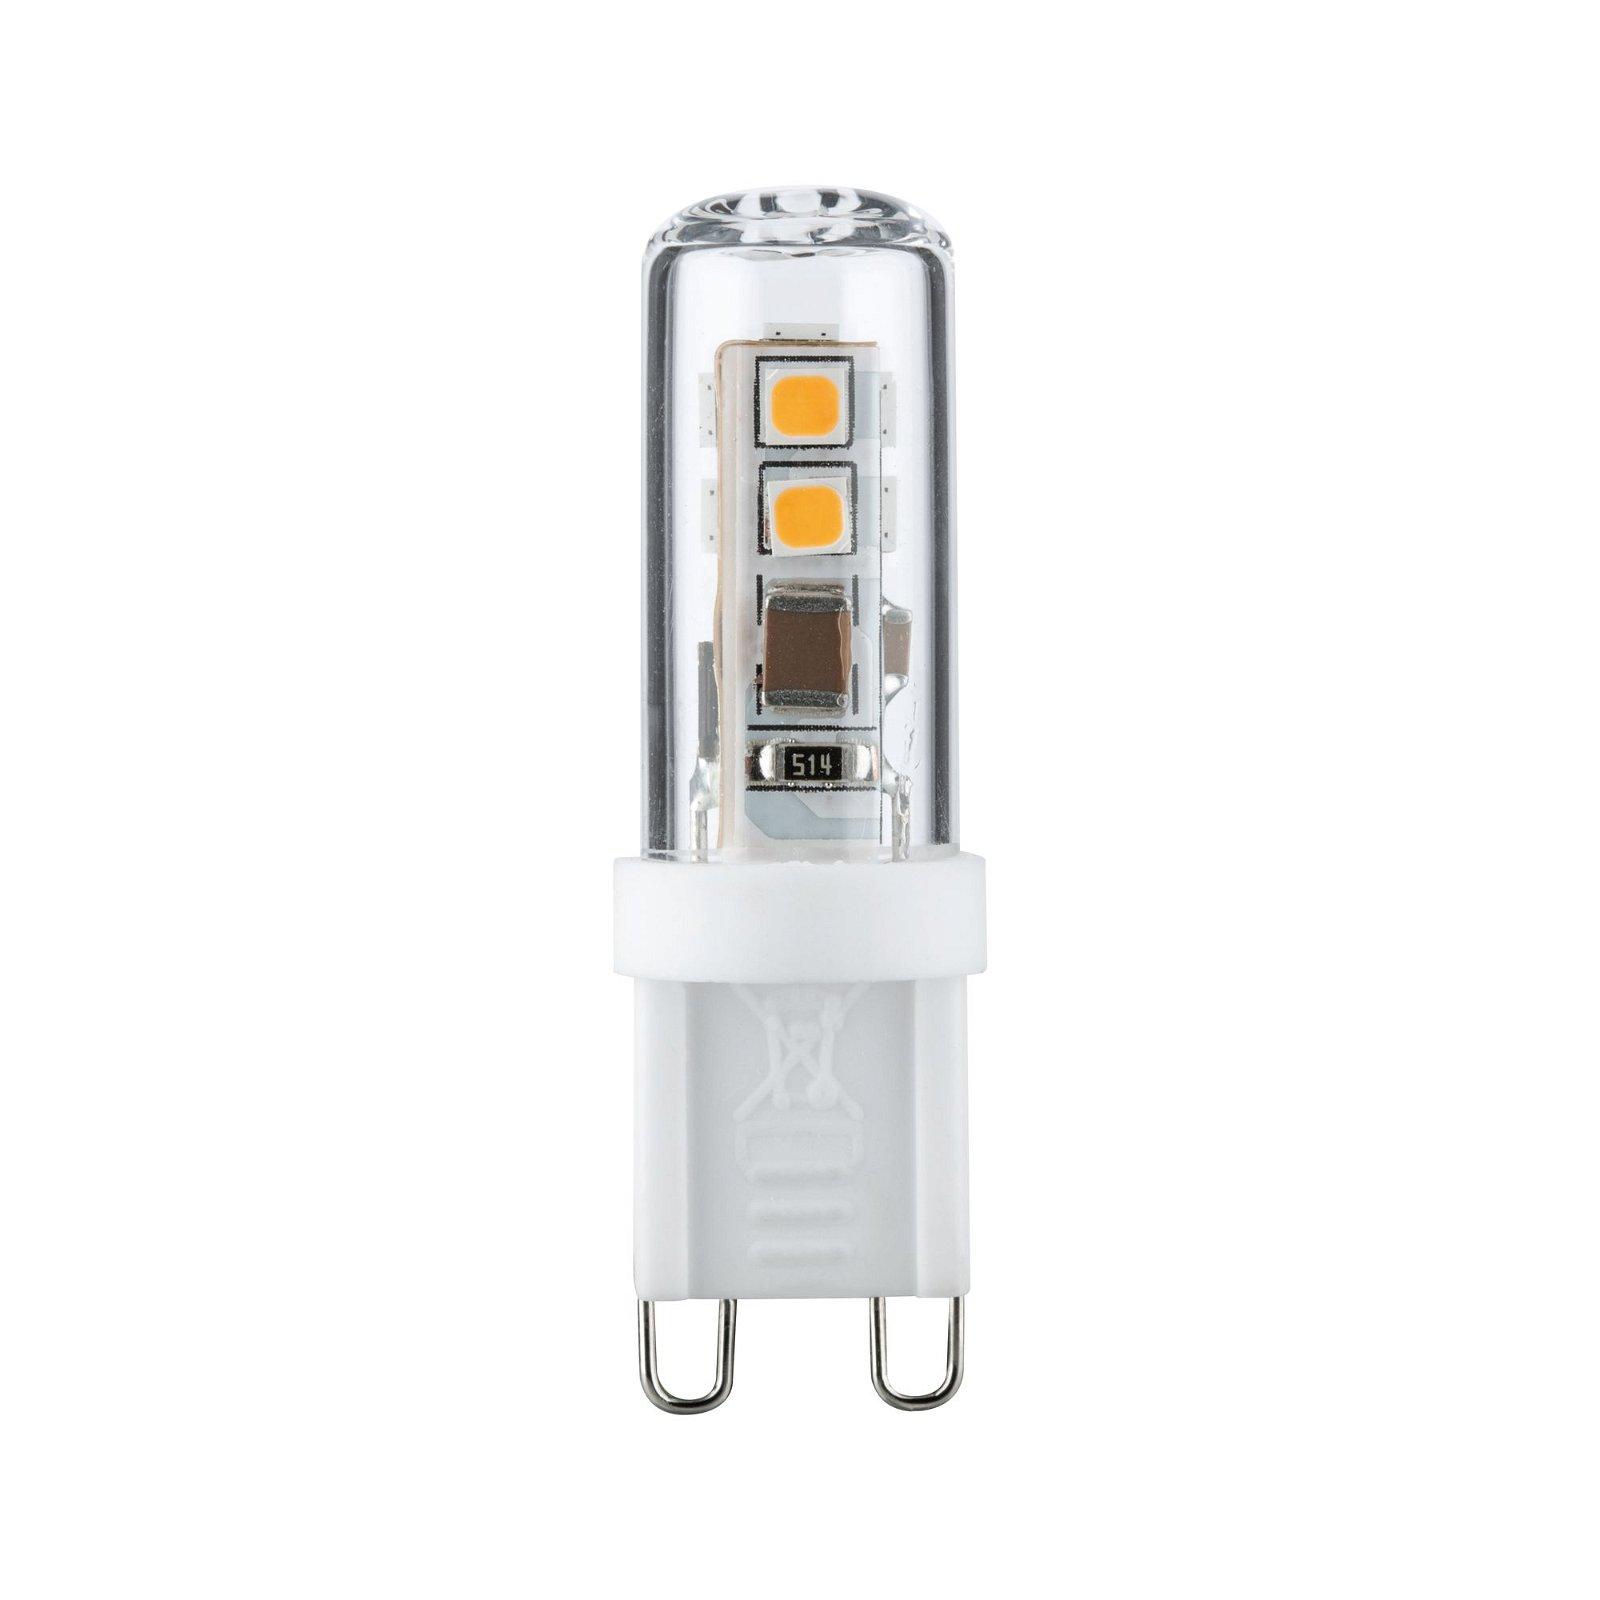 Culot à ergots LED G9 230V 200lm 2,2W 2700K Clair